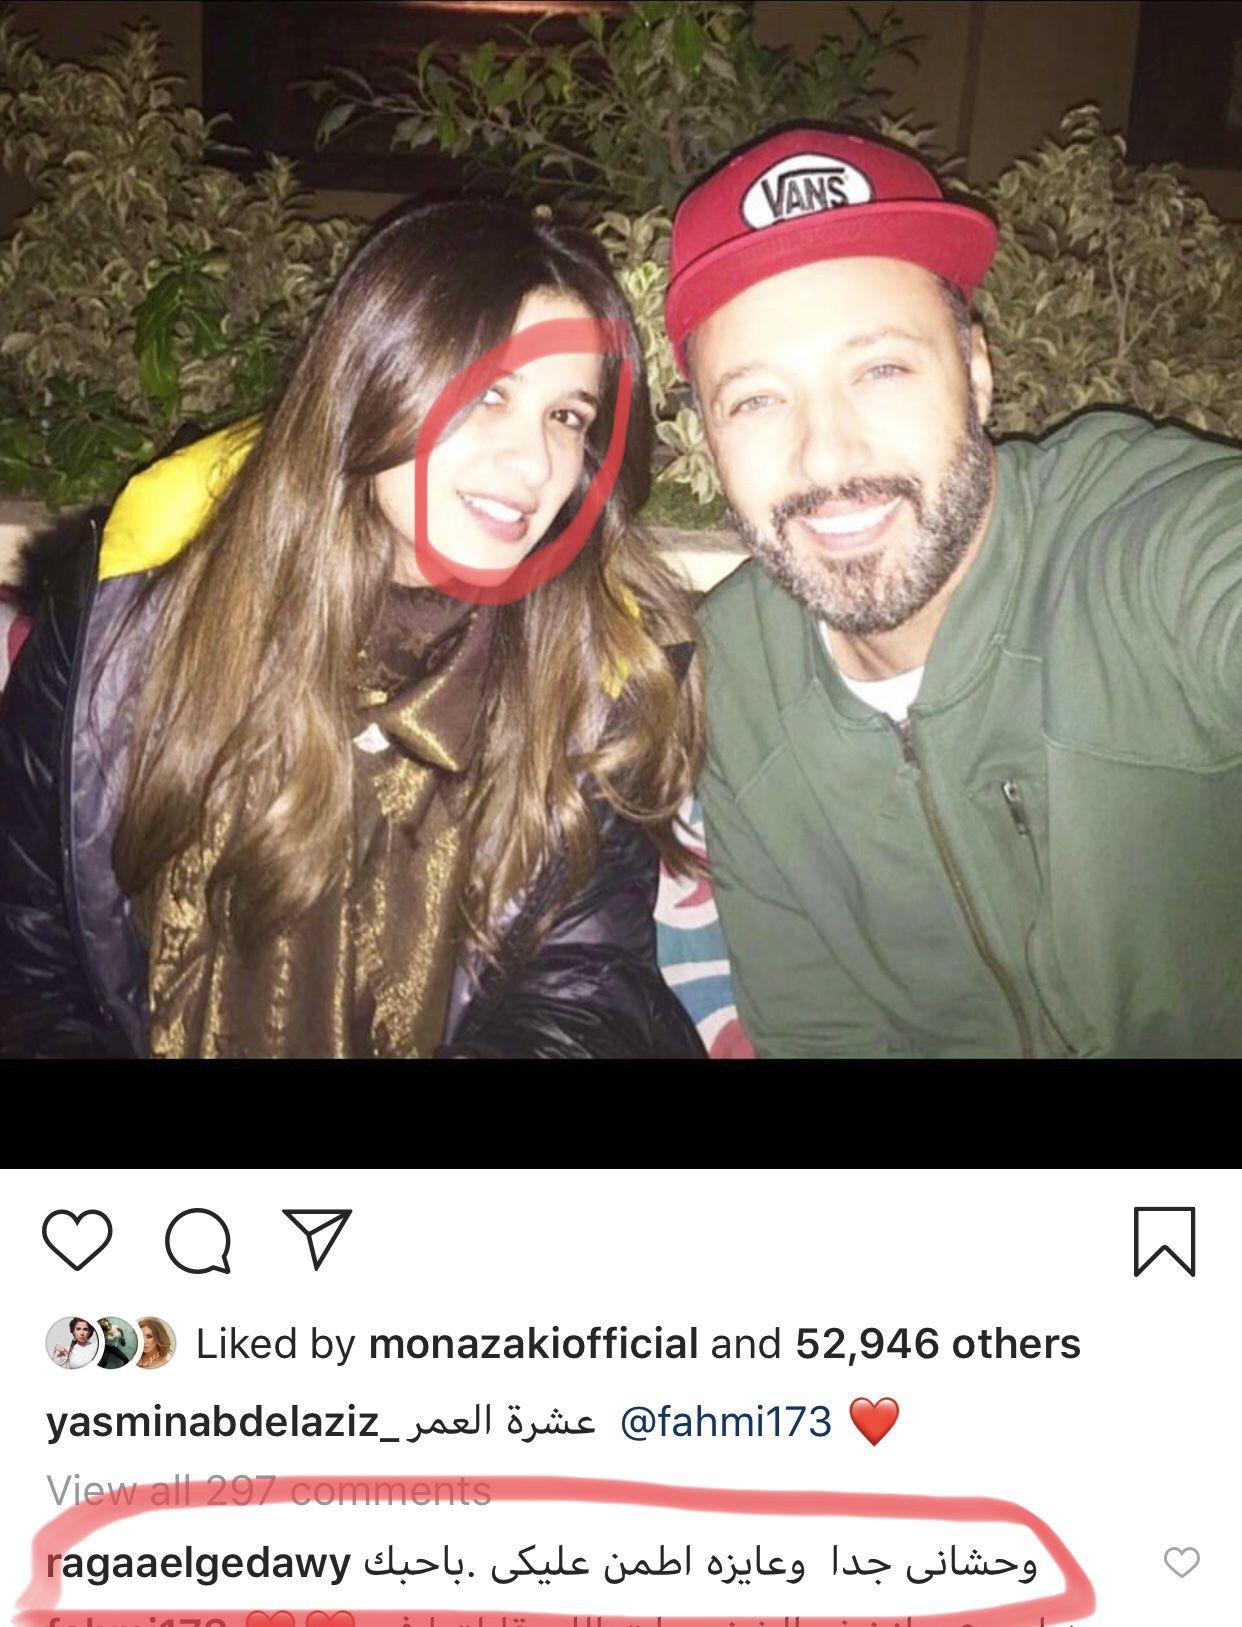 تعليق رجاء الجداوي على صورة ياسمين ولاحظوا البقع السوداء تحت عينيها